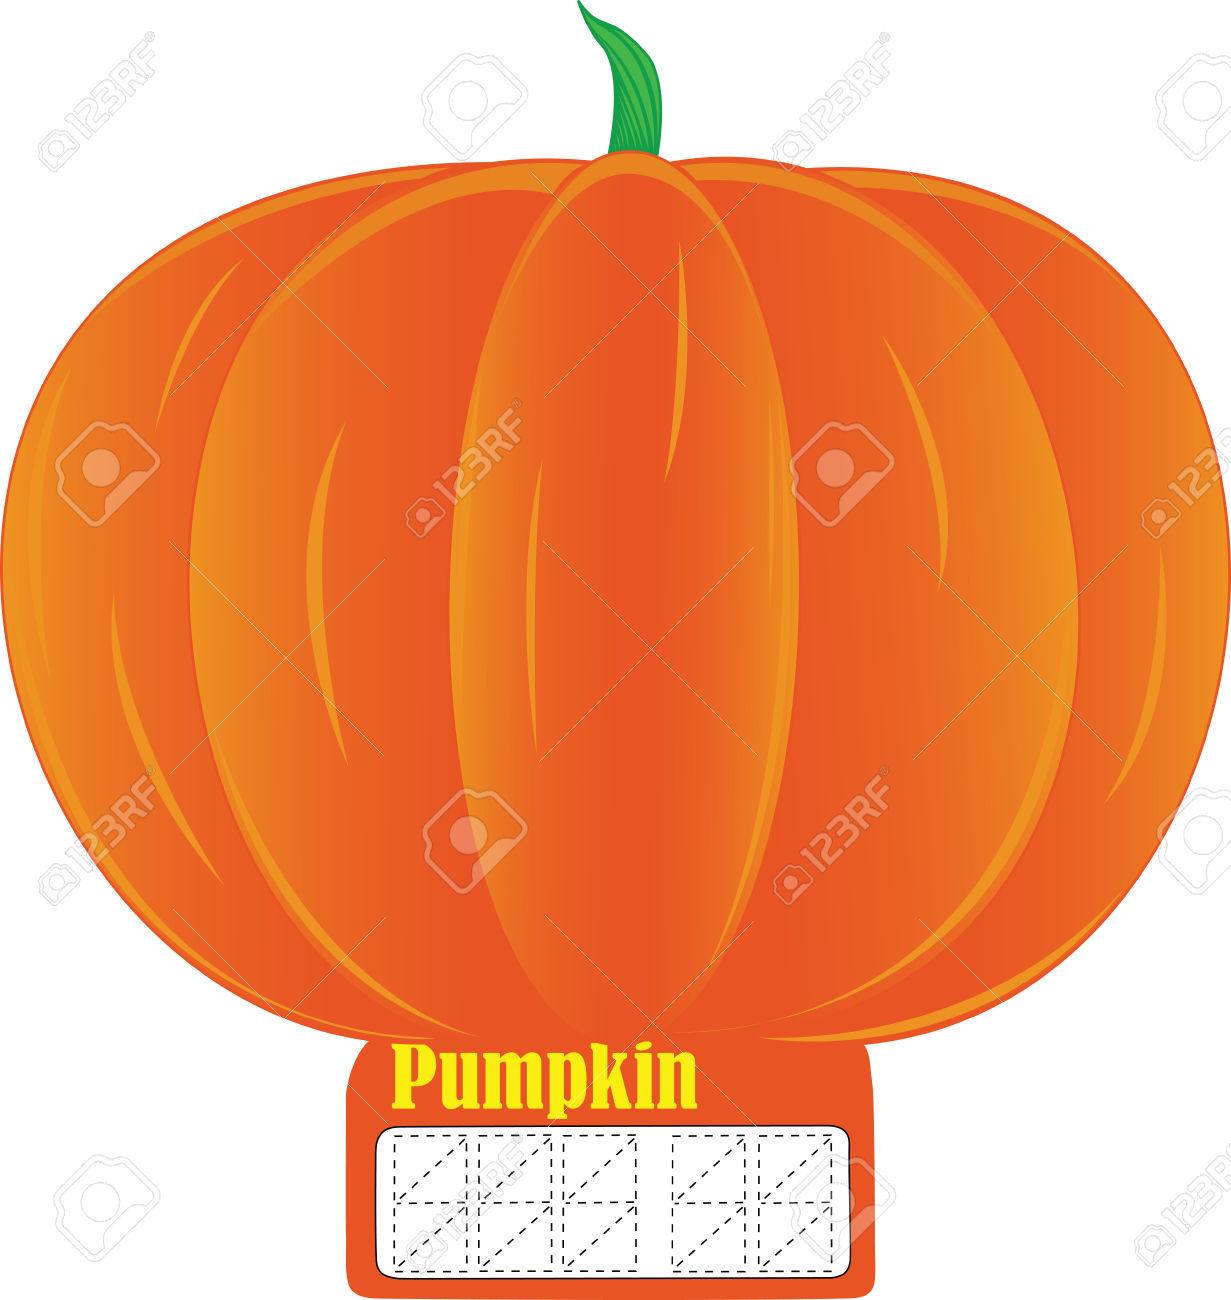 Halloween Pumpkin, Illustration Pumpkin, Vector Pumpkin, Eps.